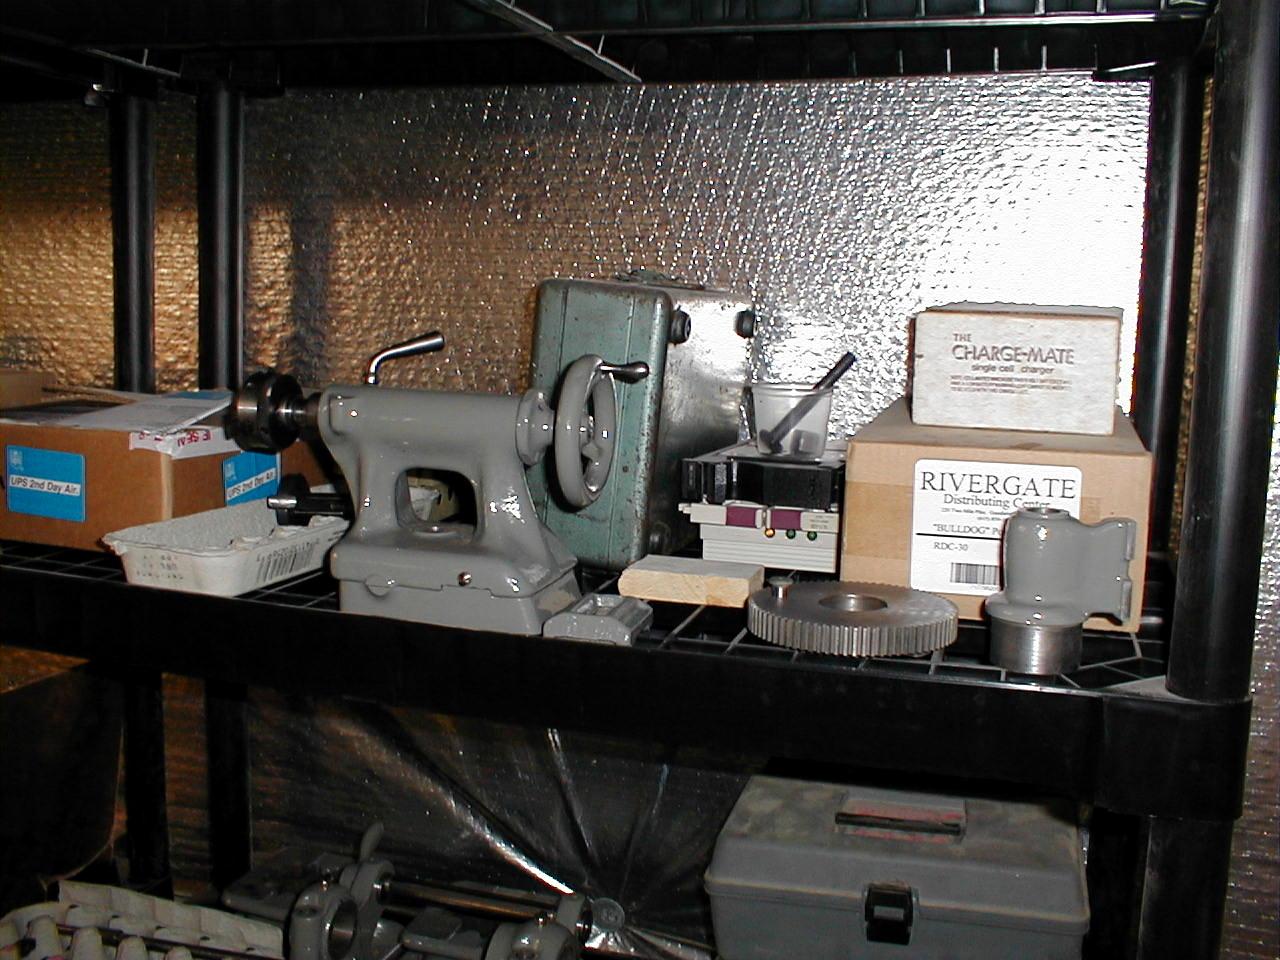 Benchtest Com - Workshop - South Bend 9 inch Lathe